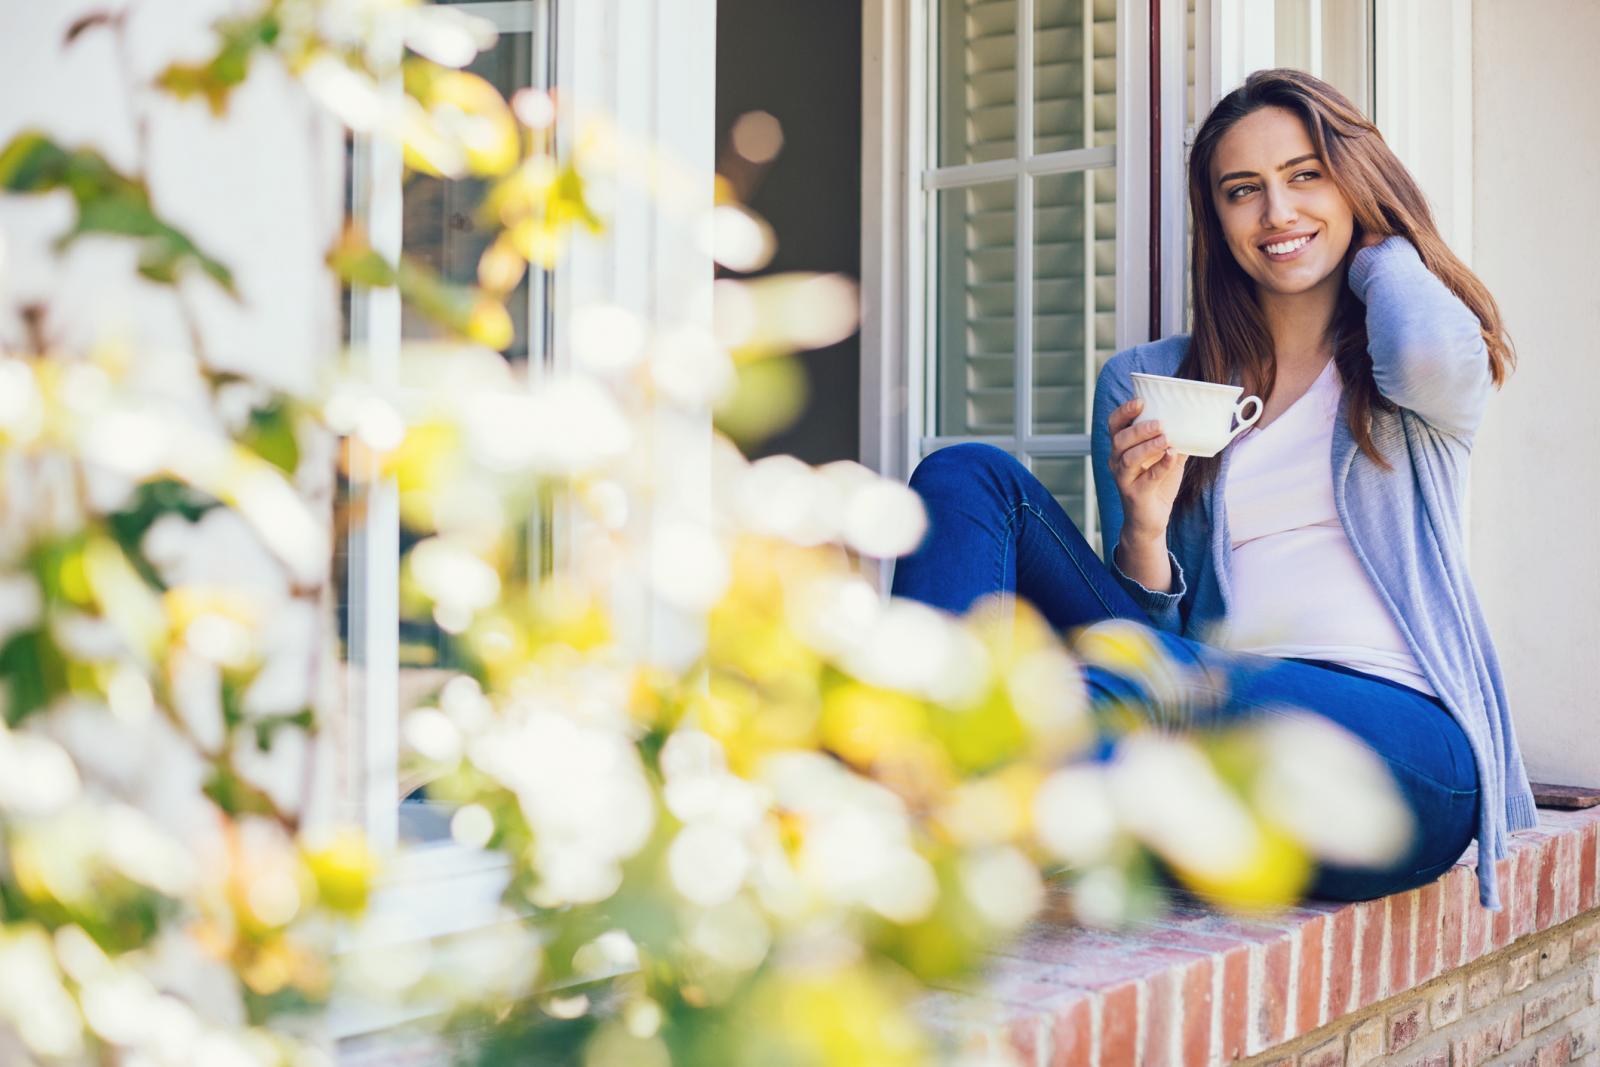 Kožne alergije mogu se ublažiti čajem od sljeza.